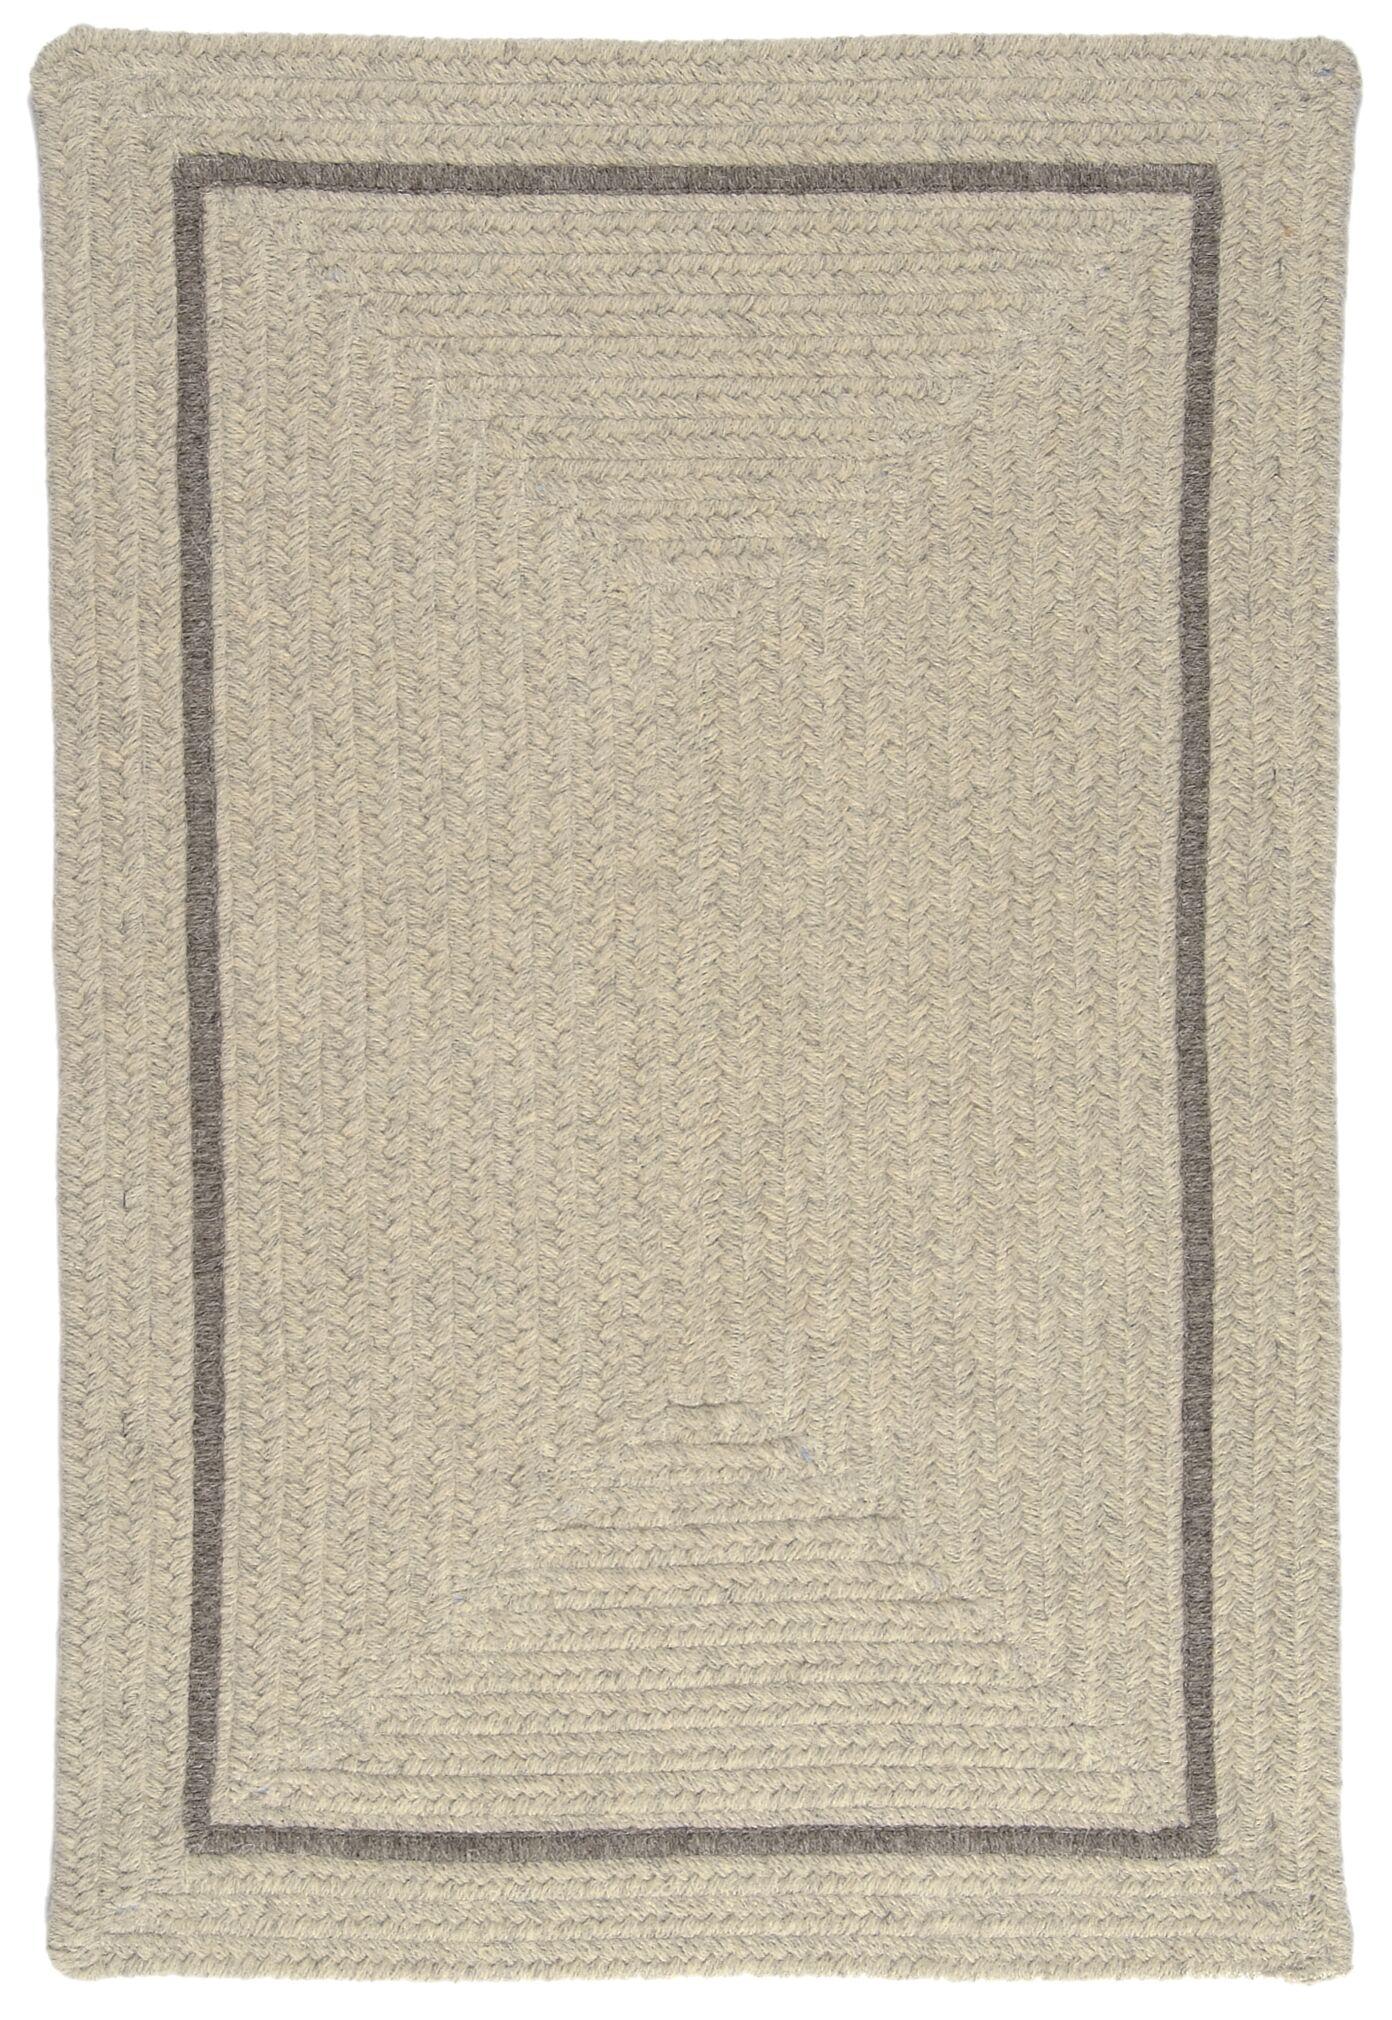 Shear Natural Cobblestone Area Rug Rug Size: Square 6'